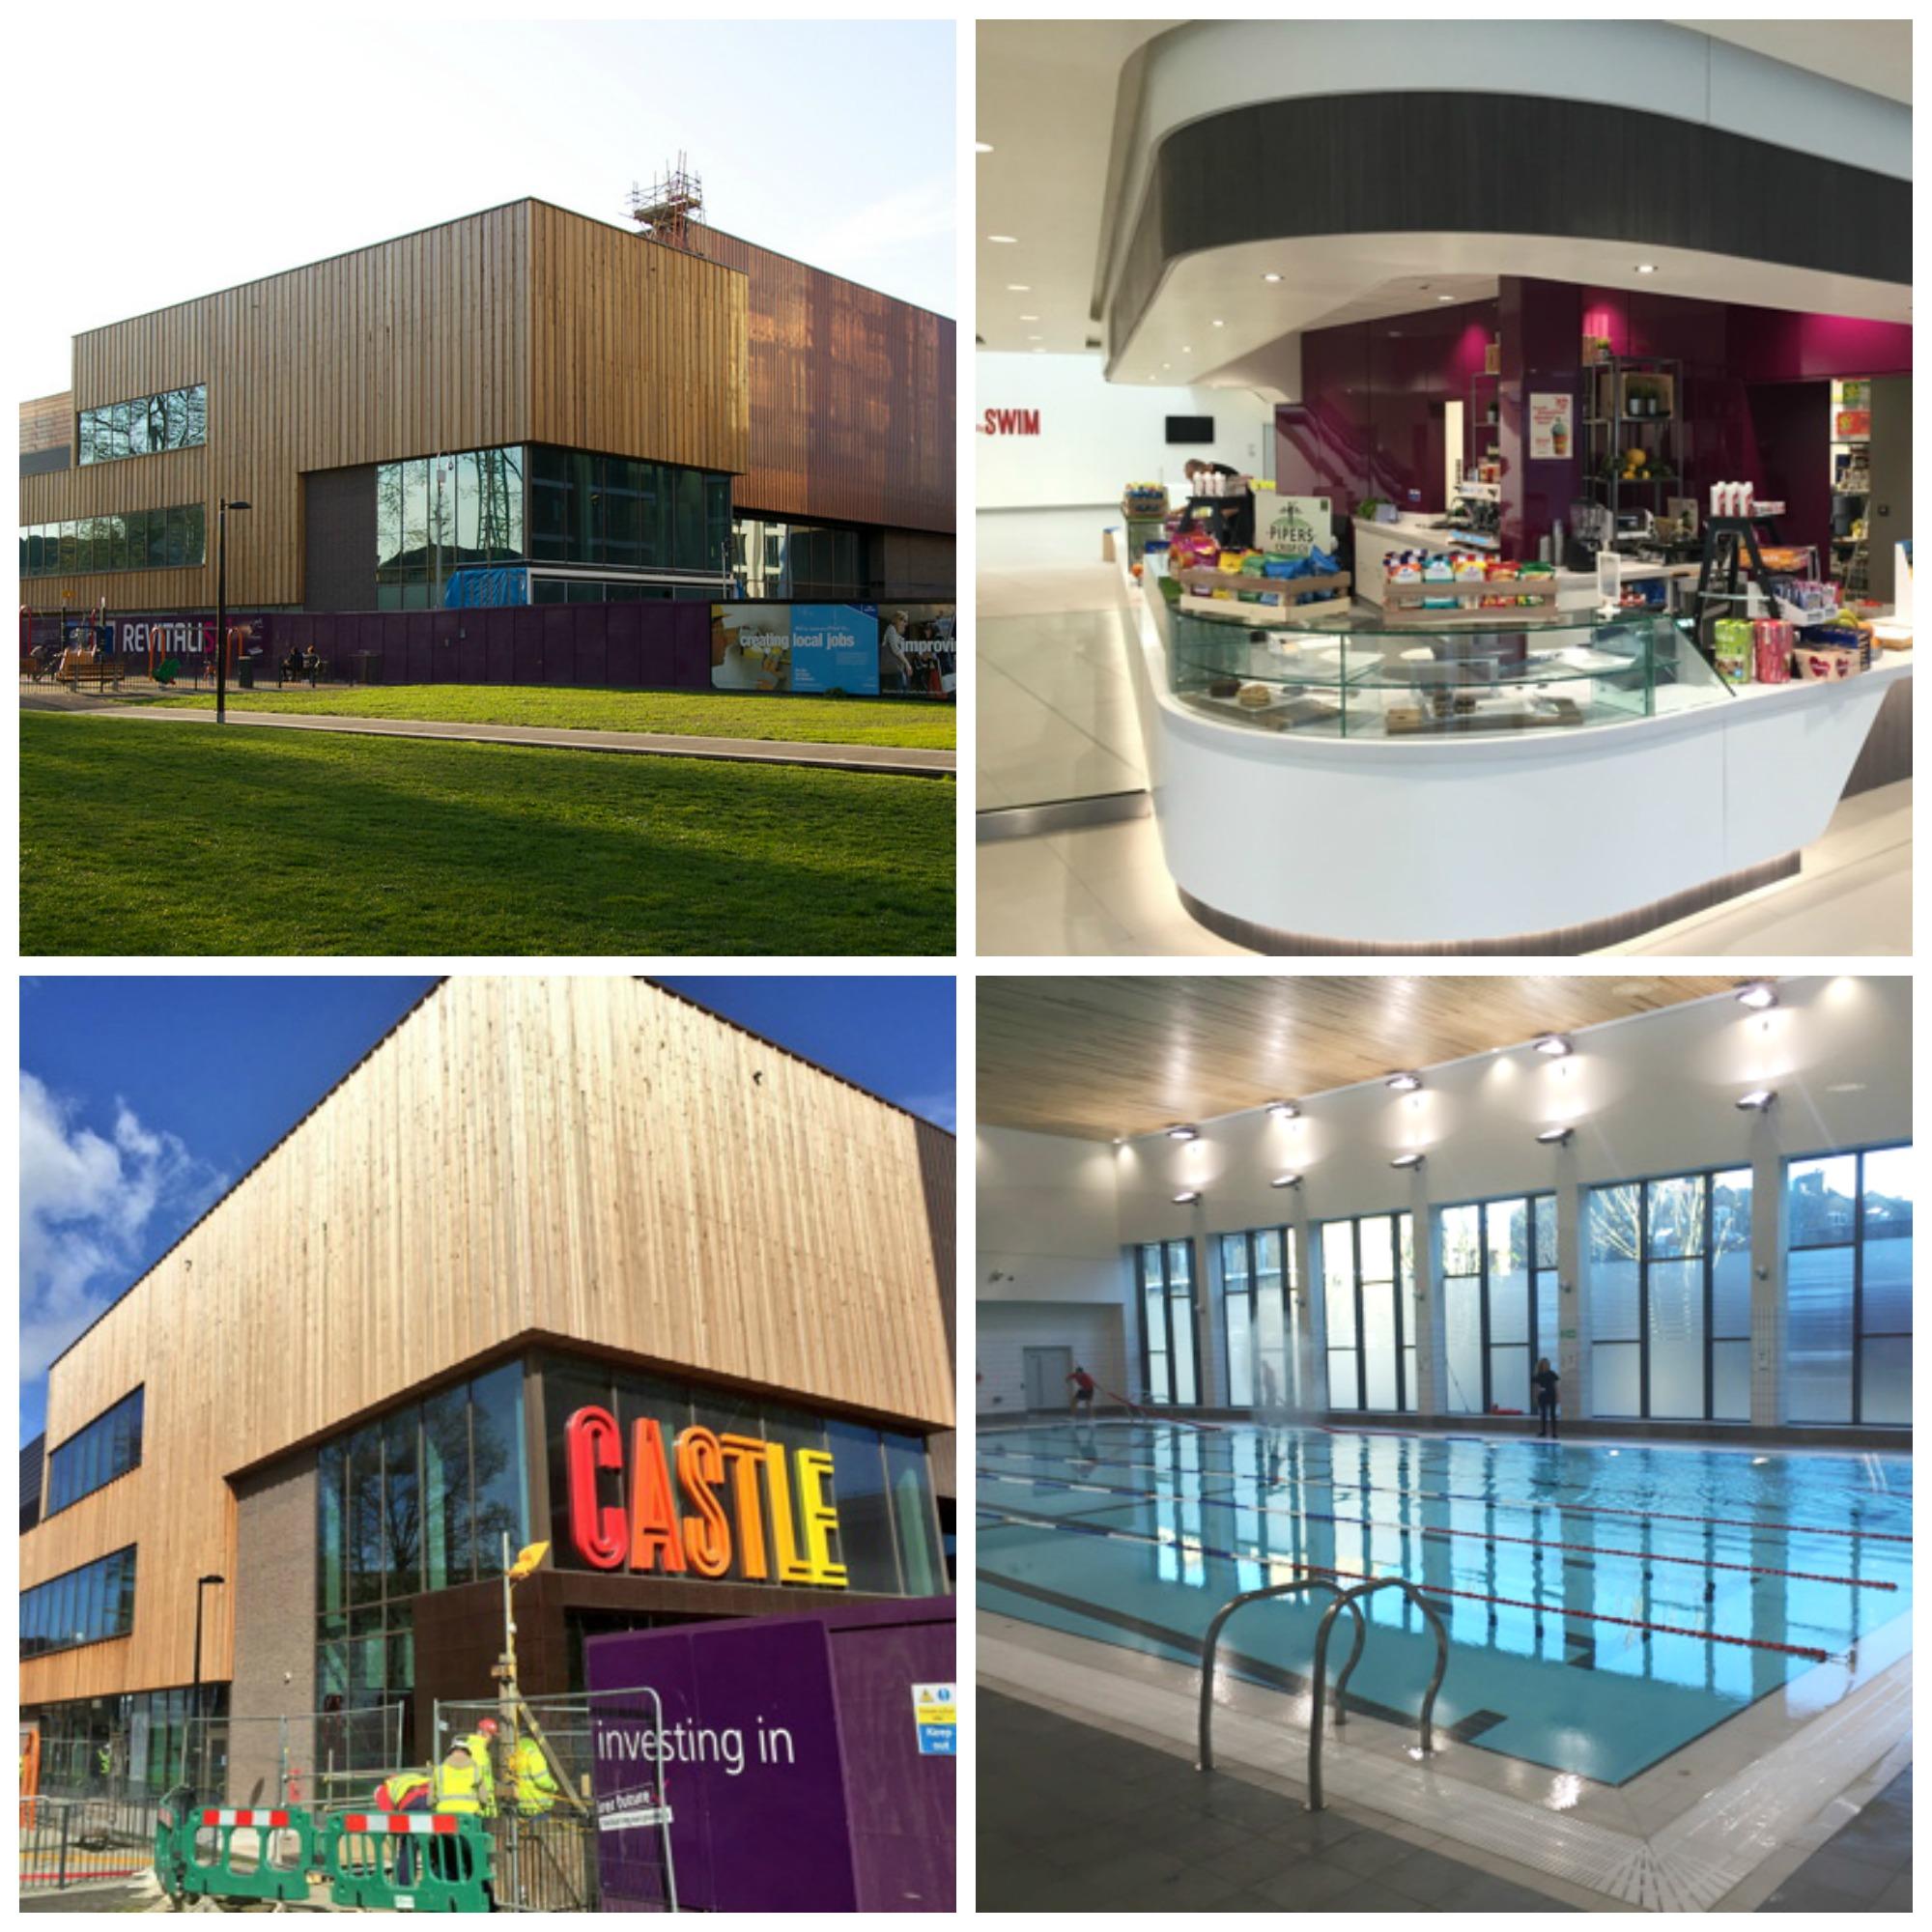 The Castle Leisure Centre